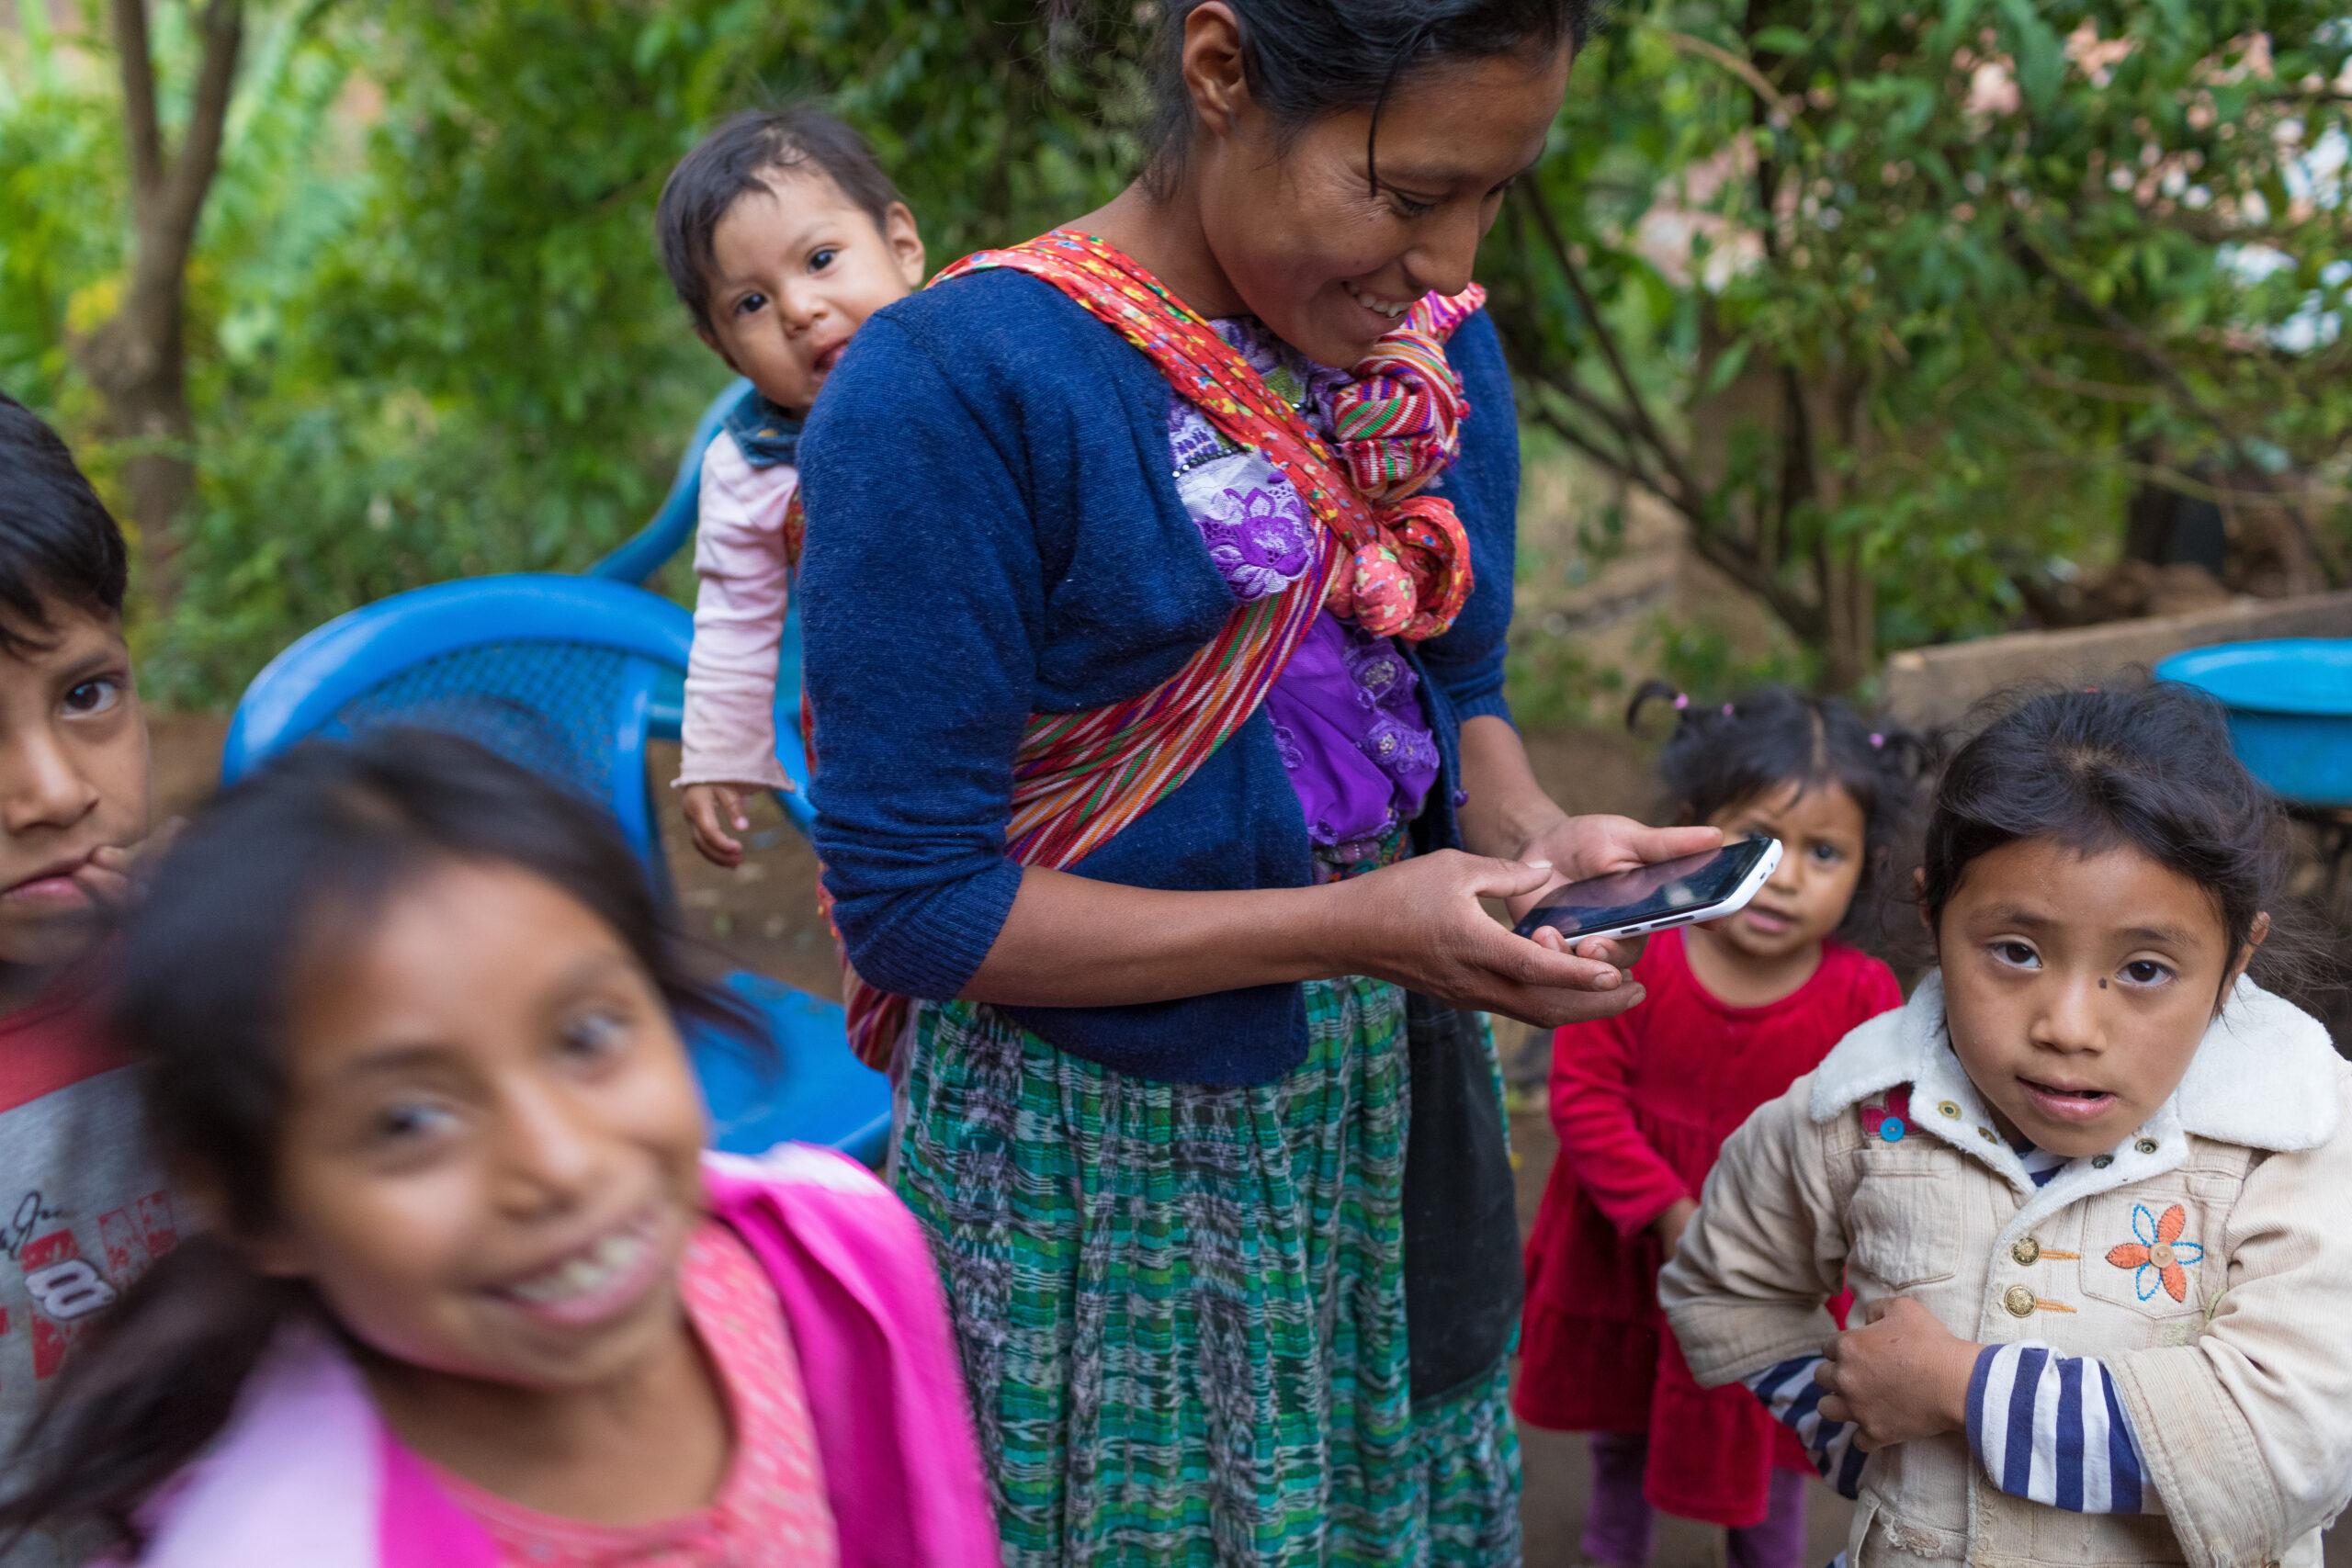 Une femme guatémaltèque sourit en envoyant des SMS sur un téléphone intelligent. Elle a un bébé sur le dos et trois enfants se tiennent autour d'elle.